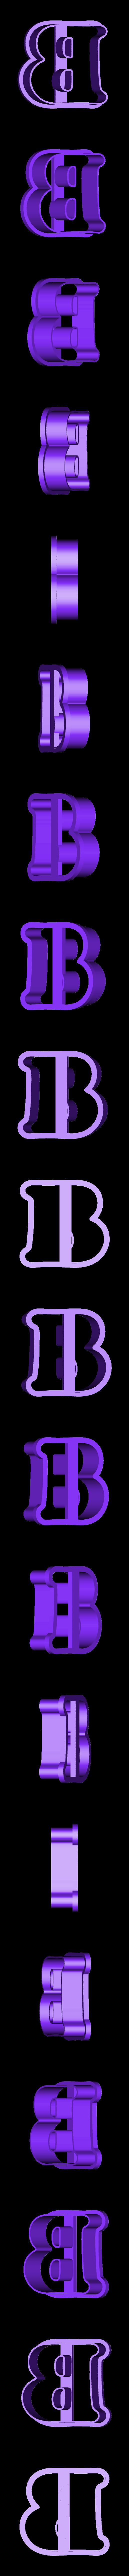 B.stl Download STL file sharp letters Cooper Black • 3D printing model, juanchininaiara